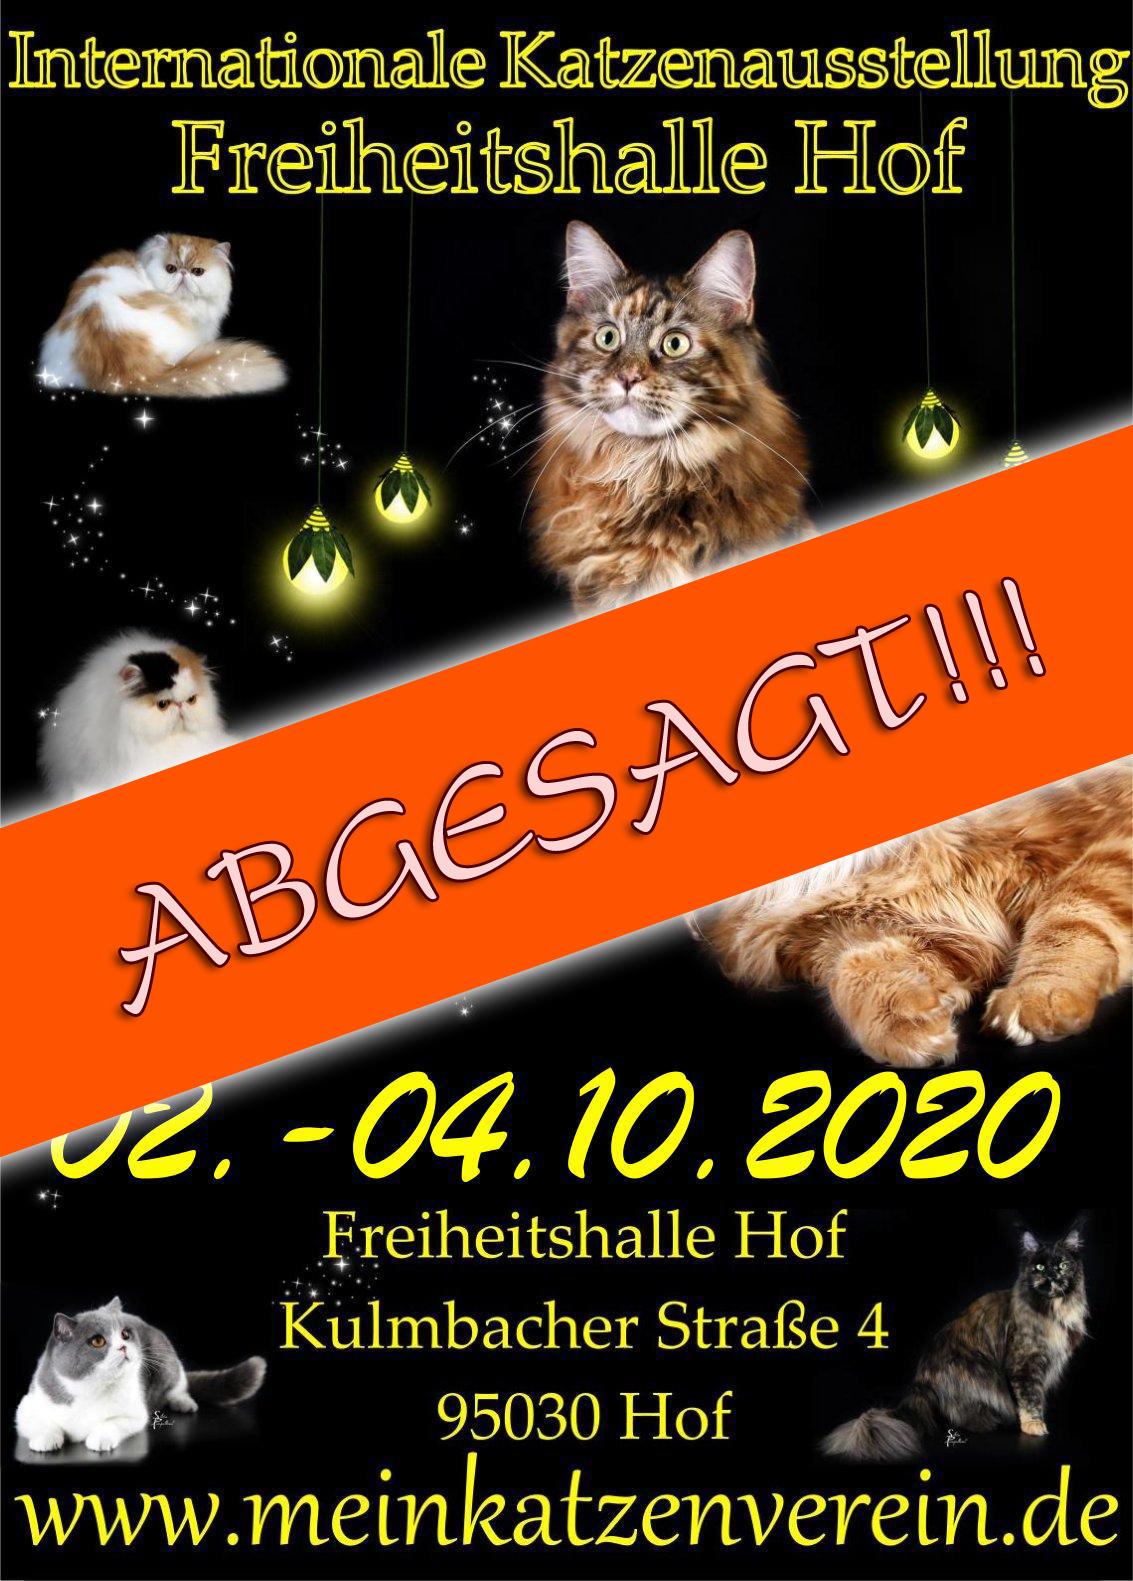 Internationale Katzenausstellung im Rahmen der Messe Hof - ABGESAGT!